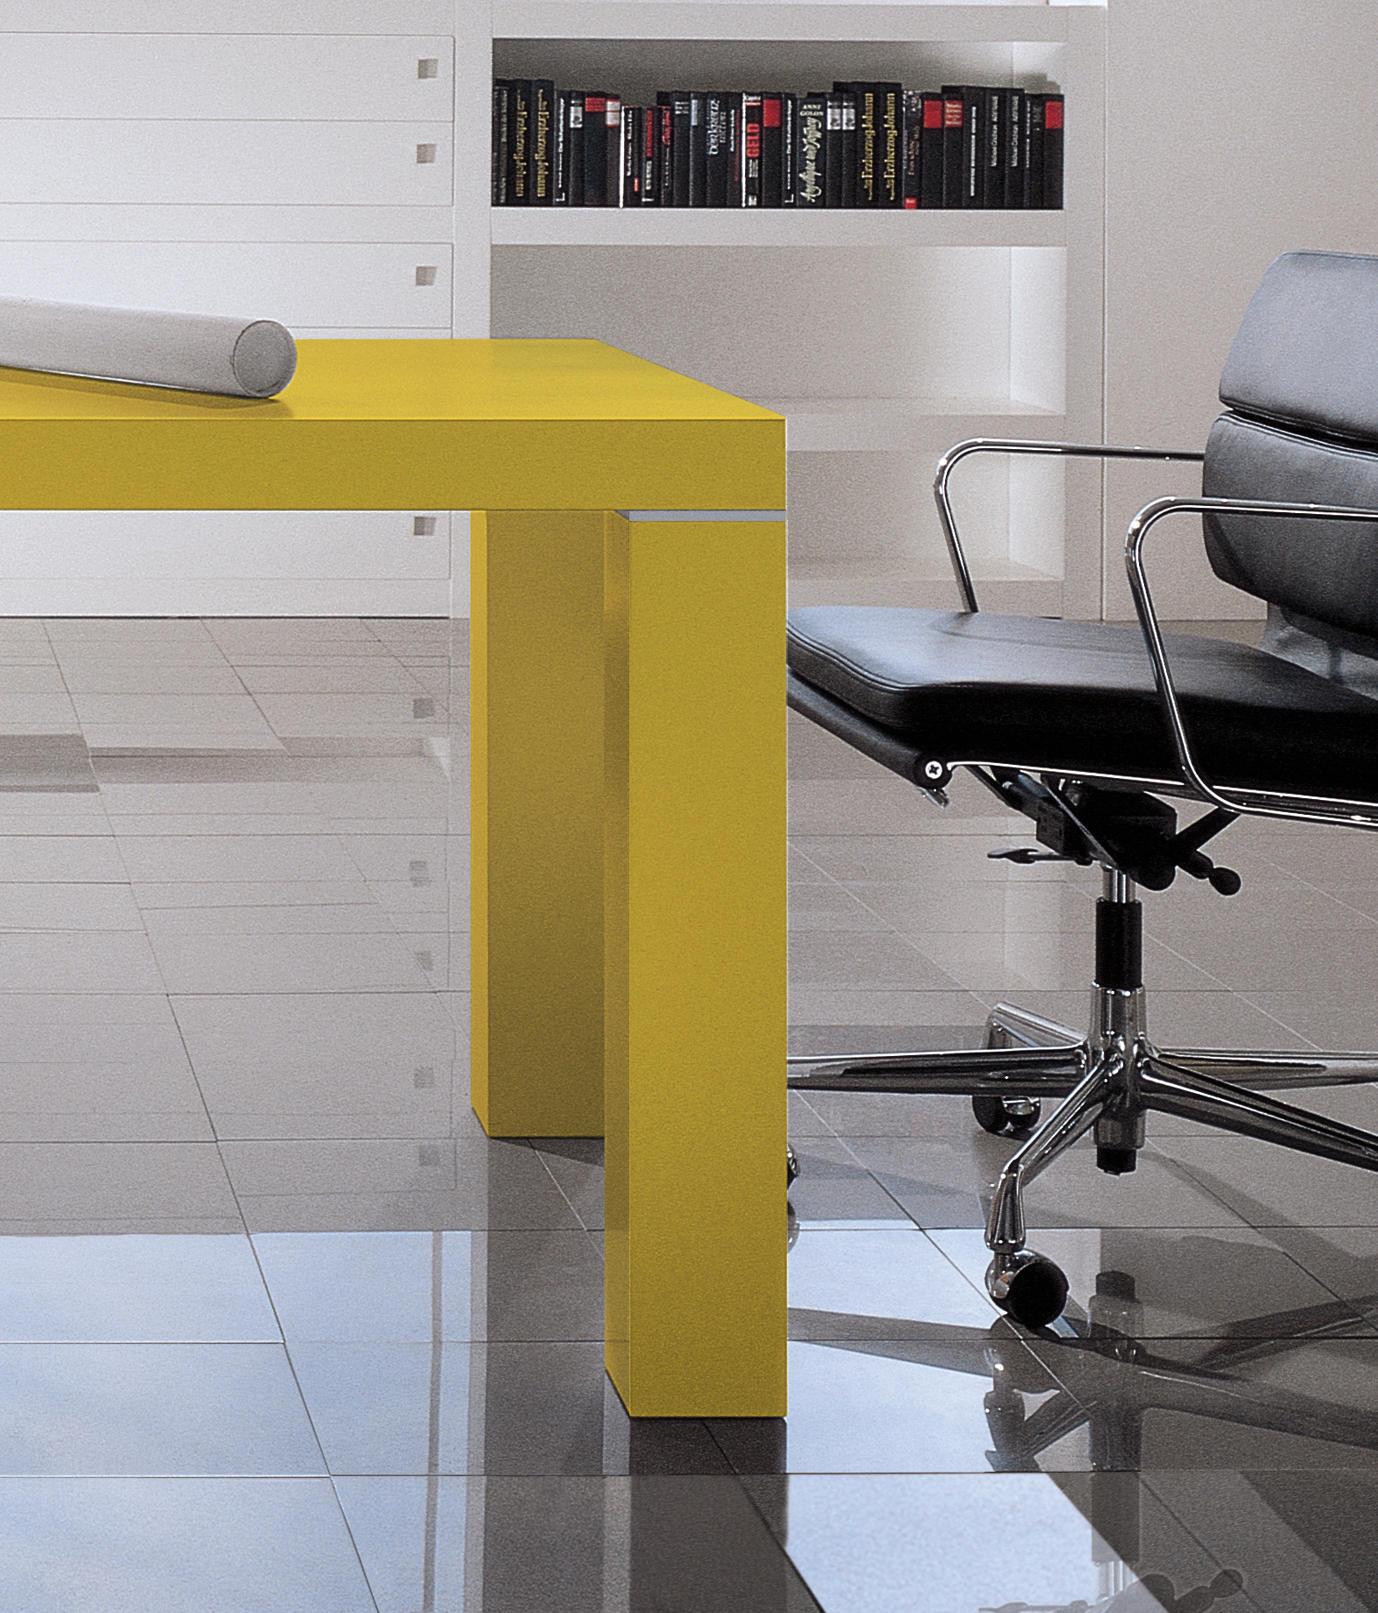 bibliothek no 5 schreibtische von paschen architonic. Black Bedroom Furniture Sets. Home Design Ideas